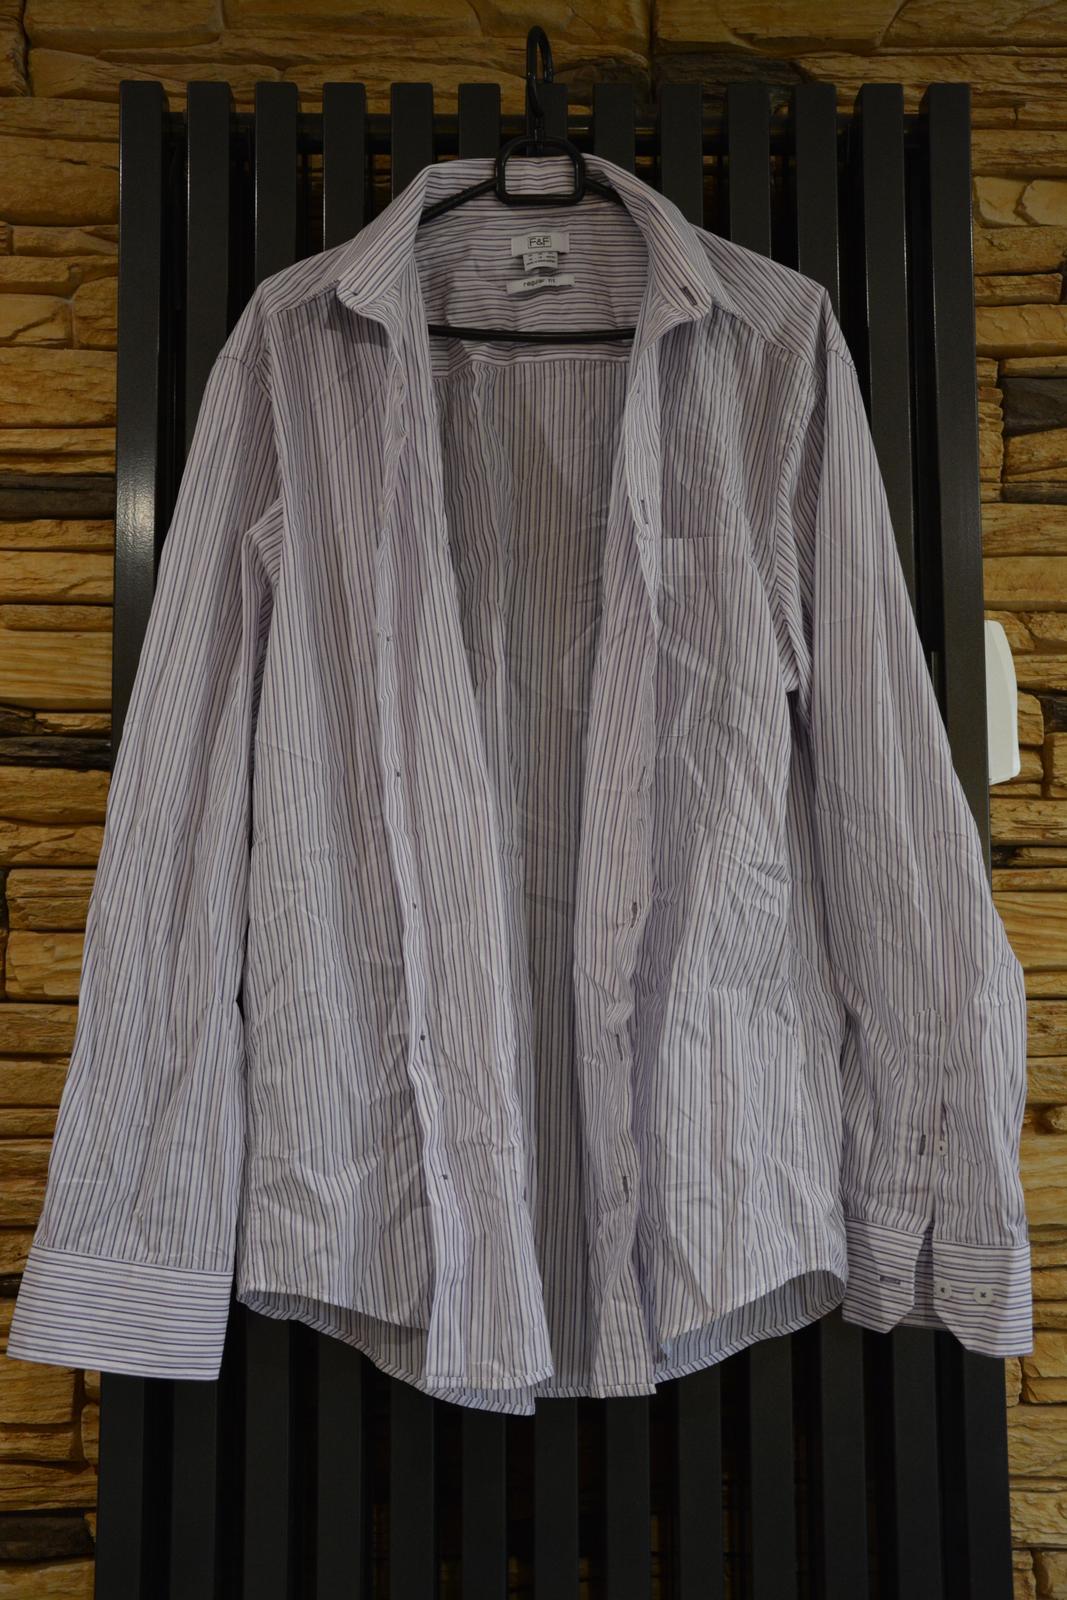 Bílá košile s fialovým proužkem - Obrázek č. 1